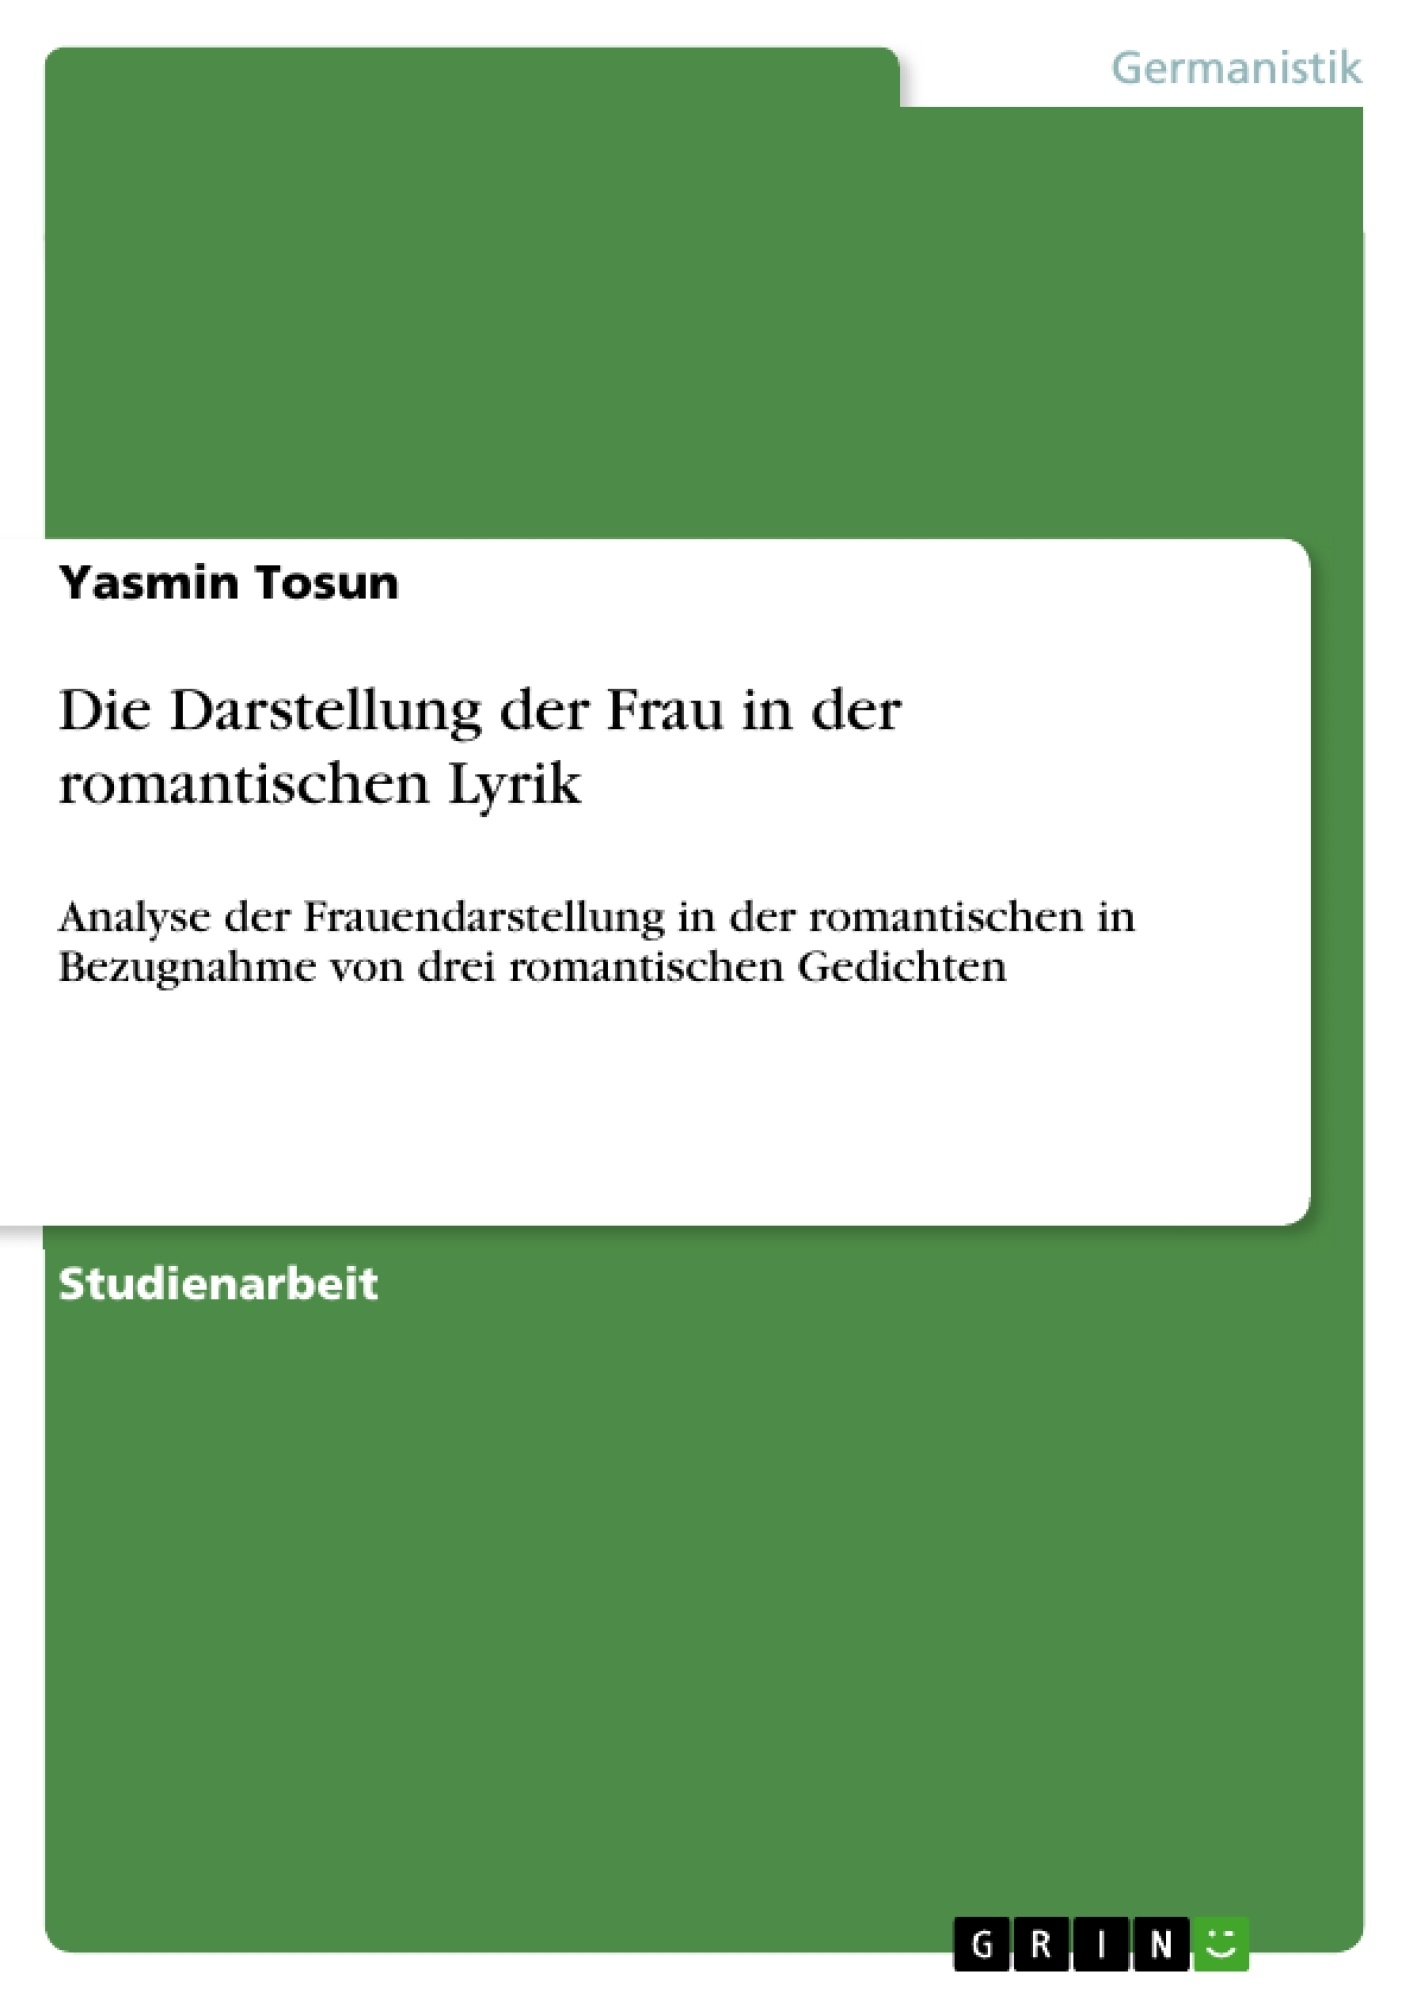 Titel: Die Darstellung der Frau in der romantischen Lyrik